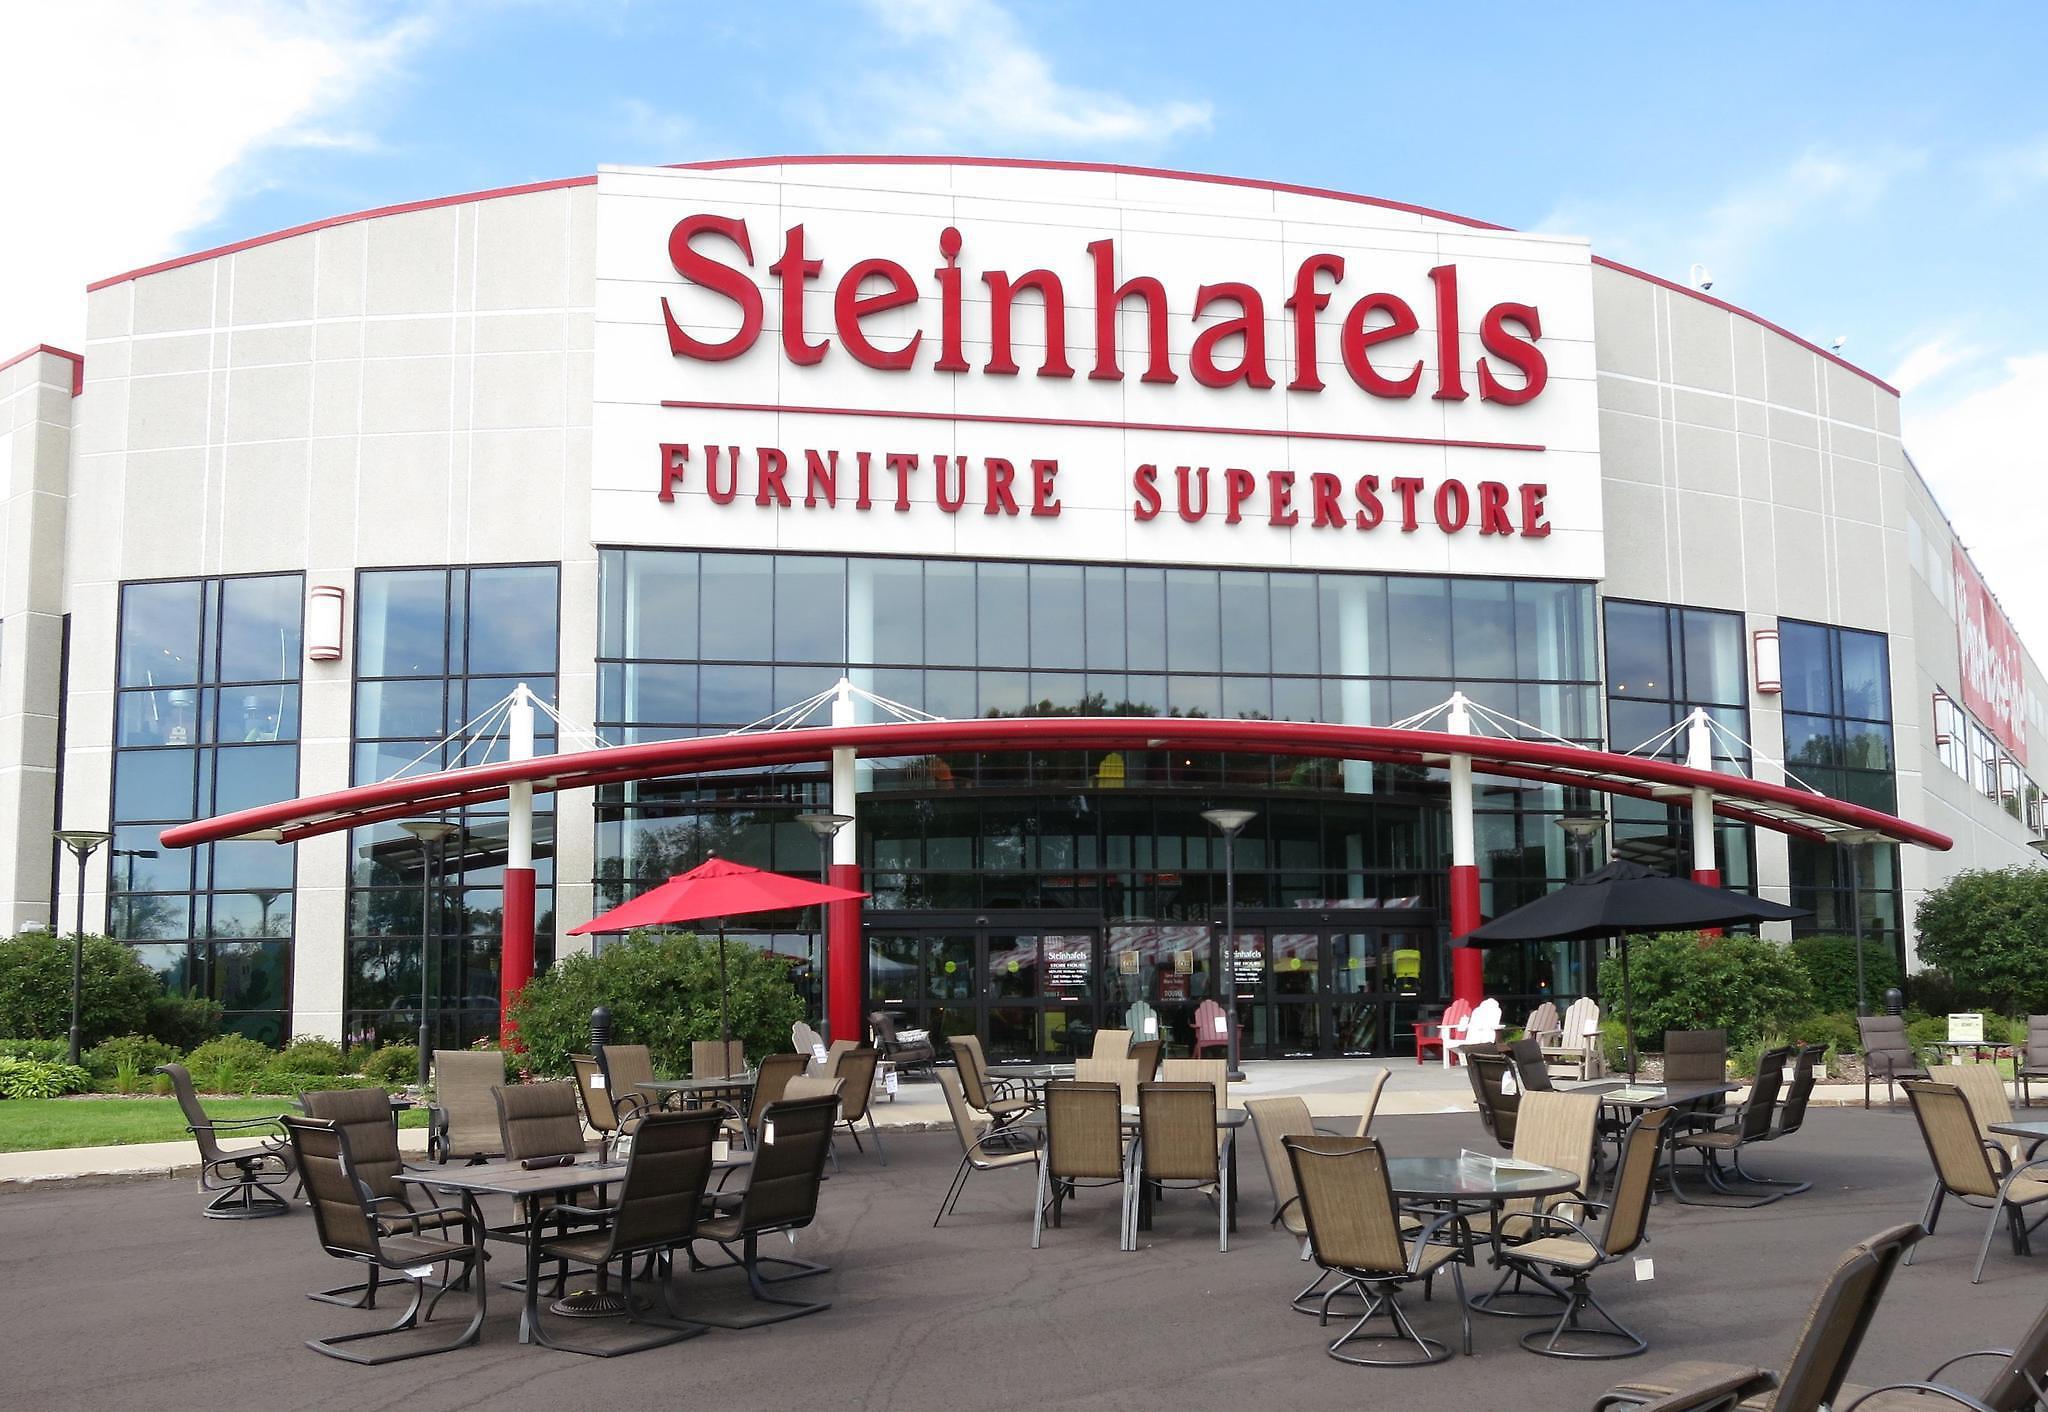 Merveilleux Pewaukee City Planners Approve Steinhafels Furnitureu0027s Plan To Fill  Wetlands For Expansion